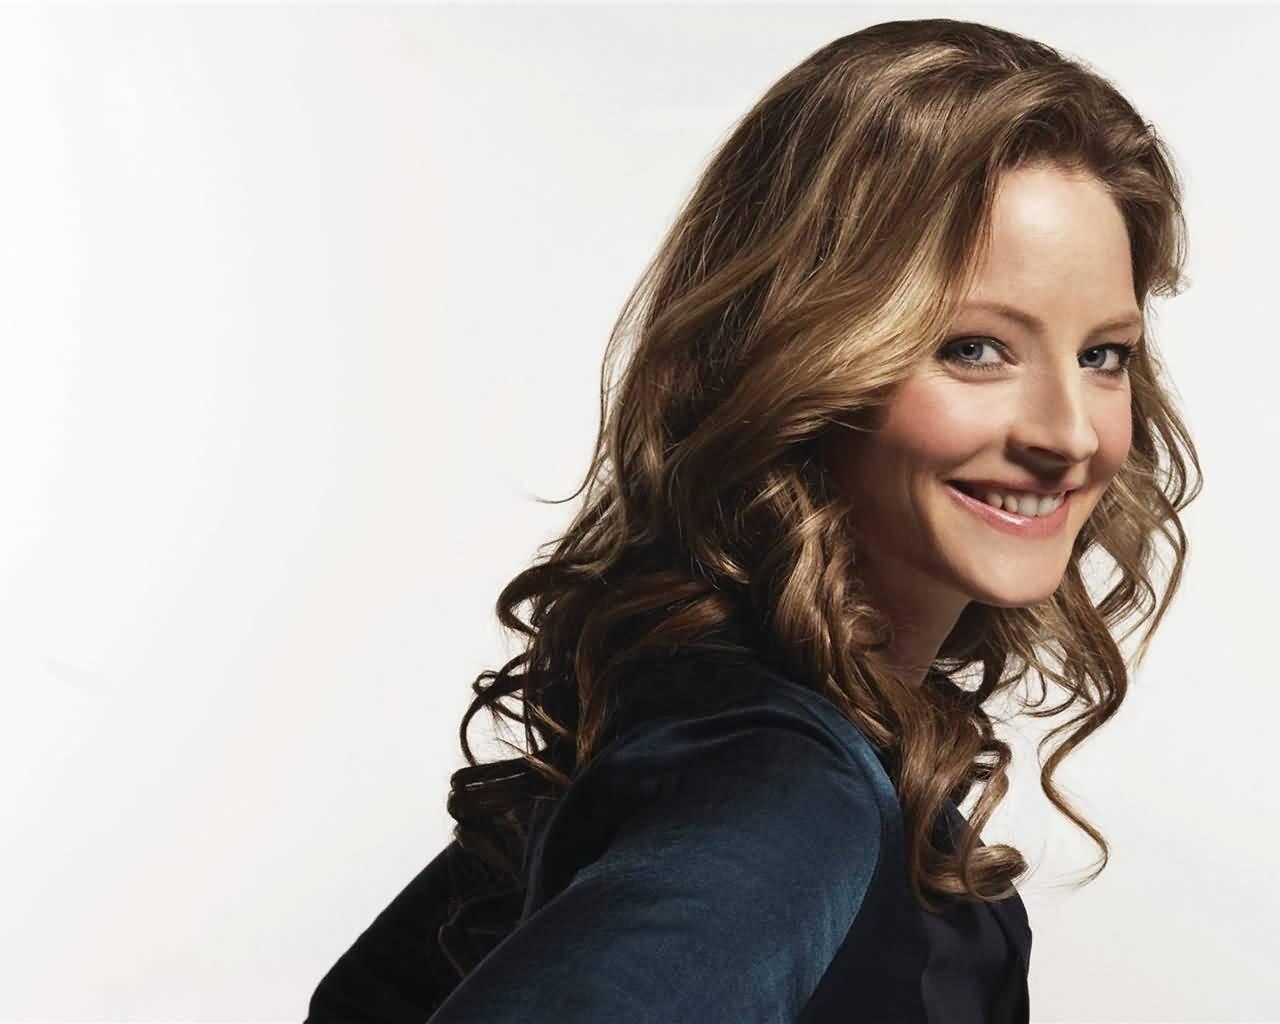 Dedi̇kodu: Jodie Foster Neill Blomkamp'in Elysium Kadrosuna Katıldı